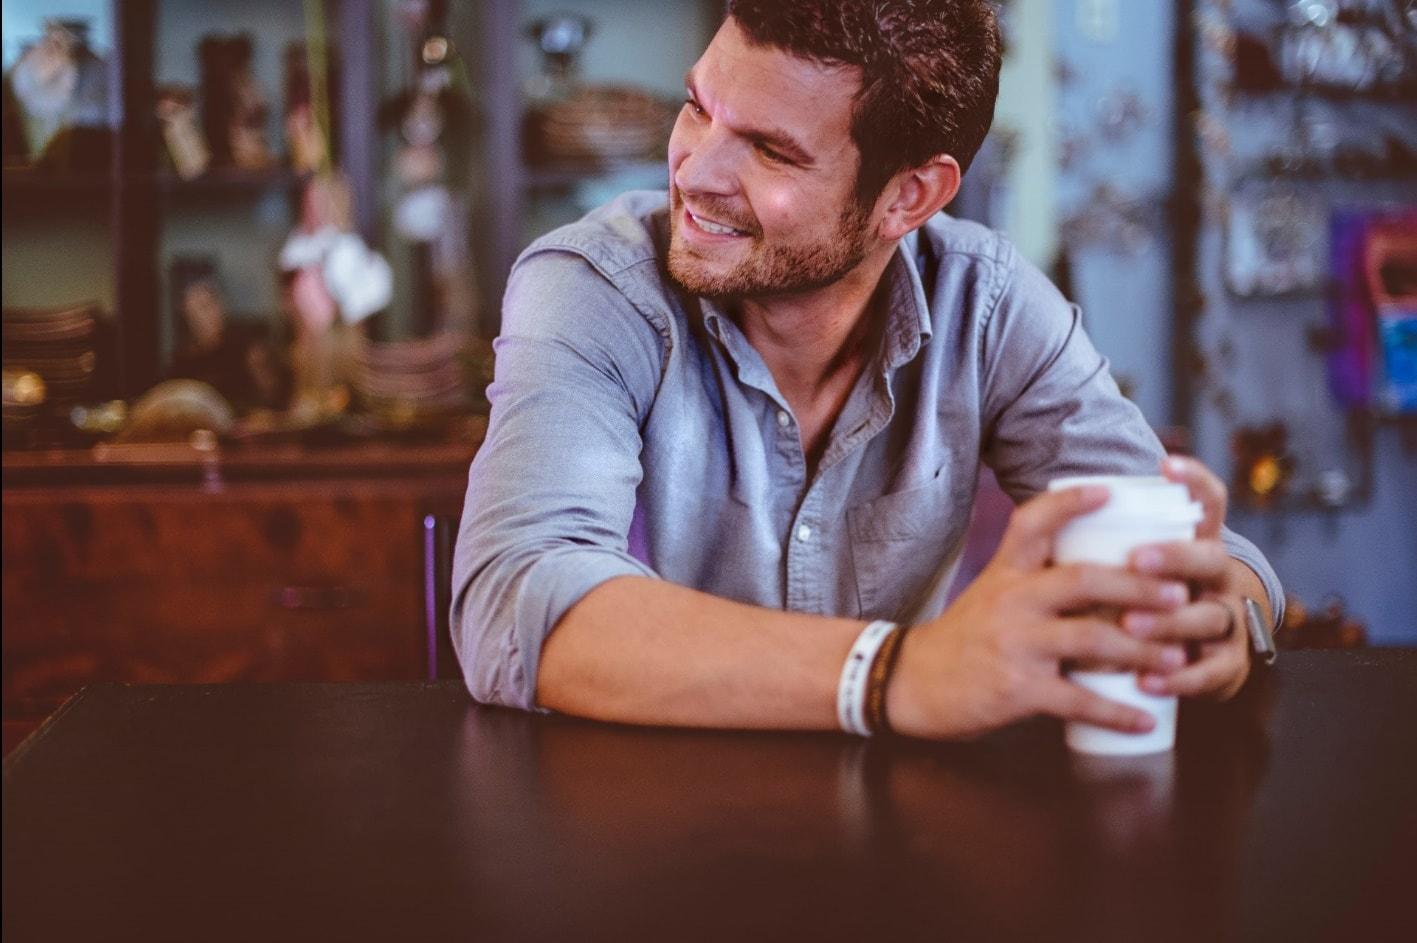 wie werde ich glücklich - lächelnder Mann mit Kaffeebecher